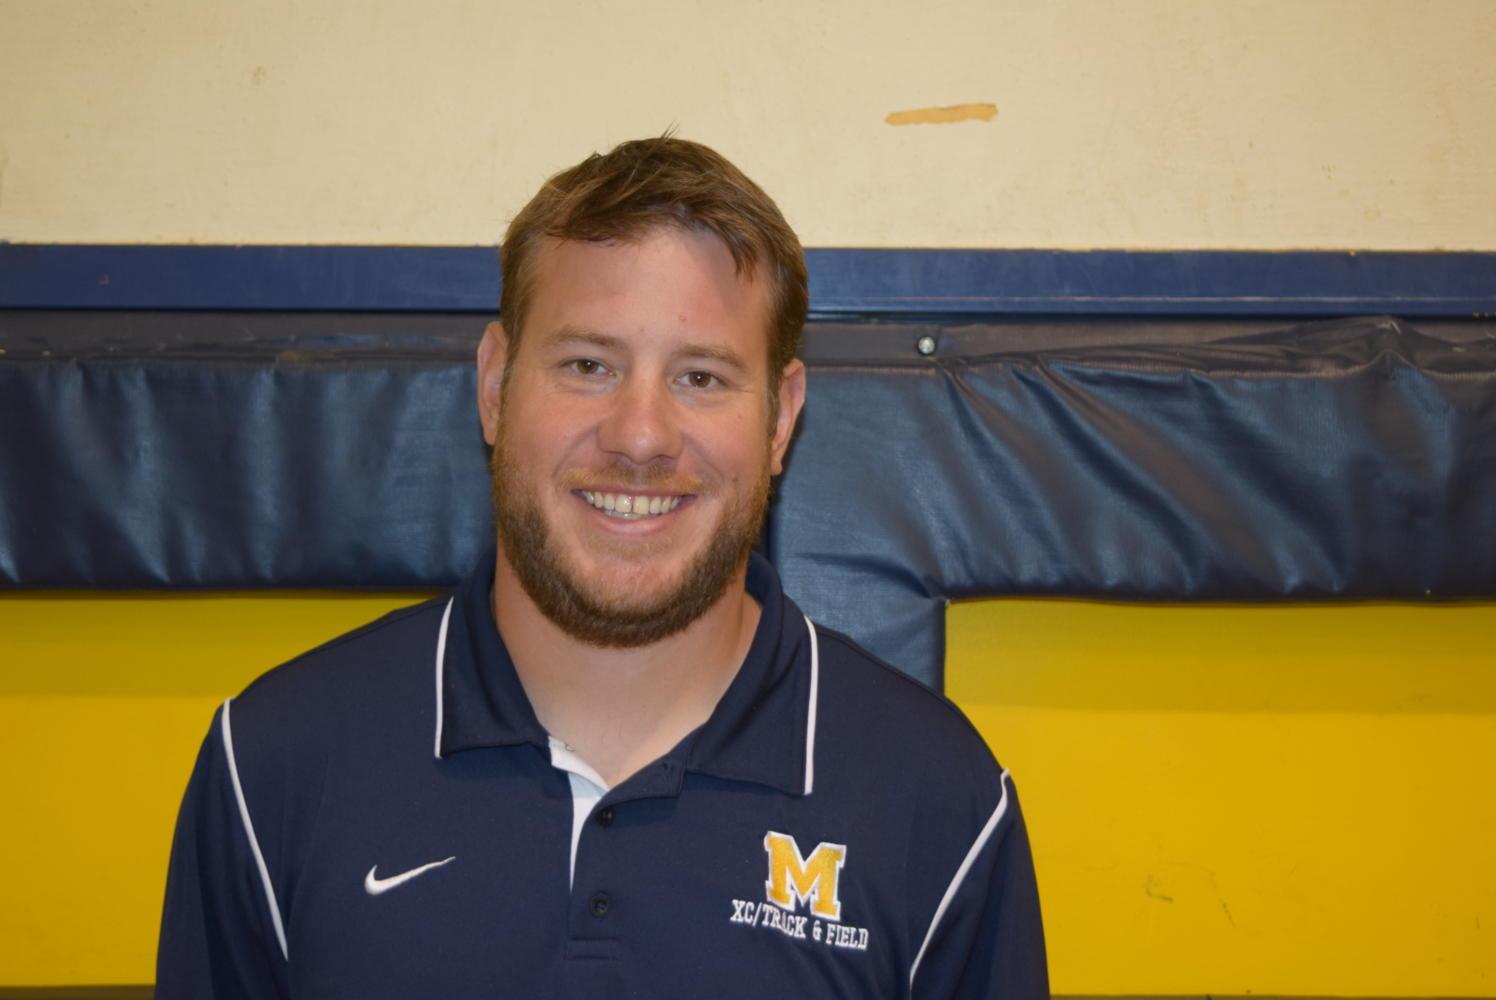 Head Football Coach Matt Hutchings takes the reigns during the 2017 season.